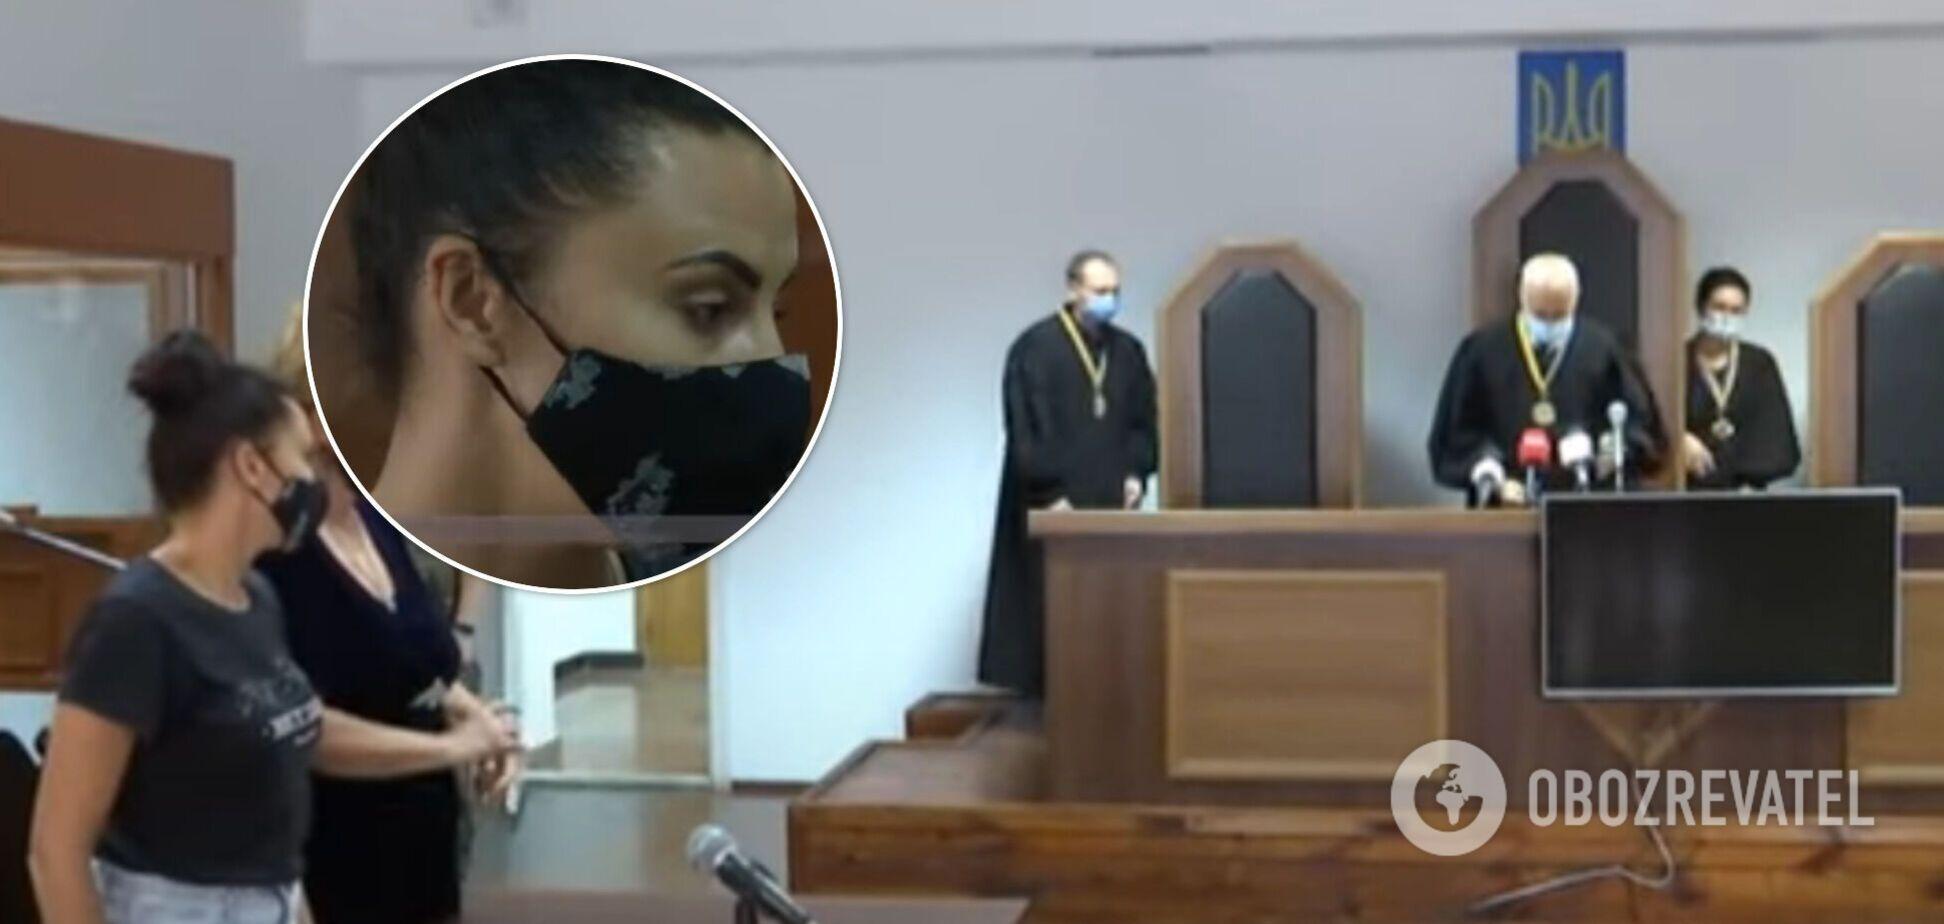 У Житомирі засуджену за співучасть у вбивстві суд відпустив додому, вона втекла. Відео